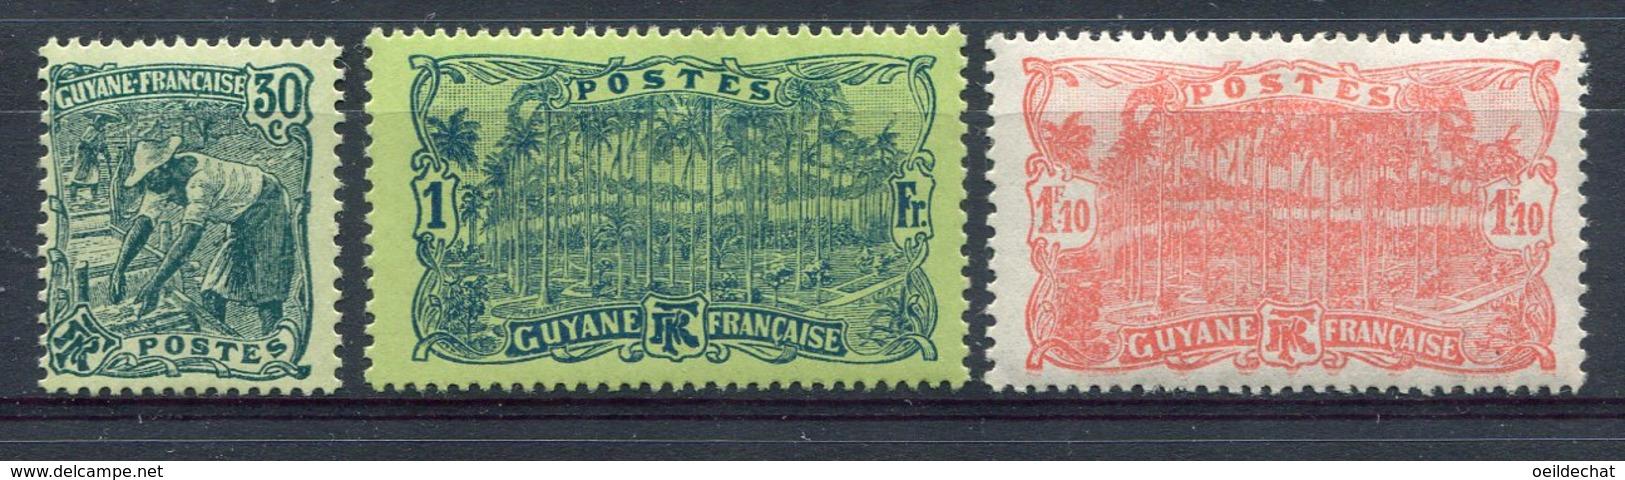 9381  GUYANE  N° 106/8*   1928  TB/TTB - French Guiana (1886-1949)